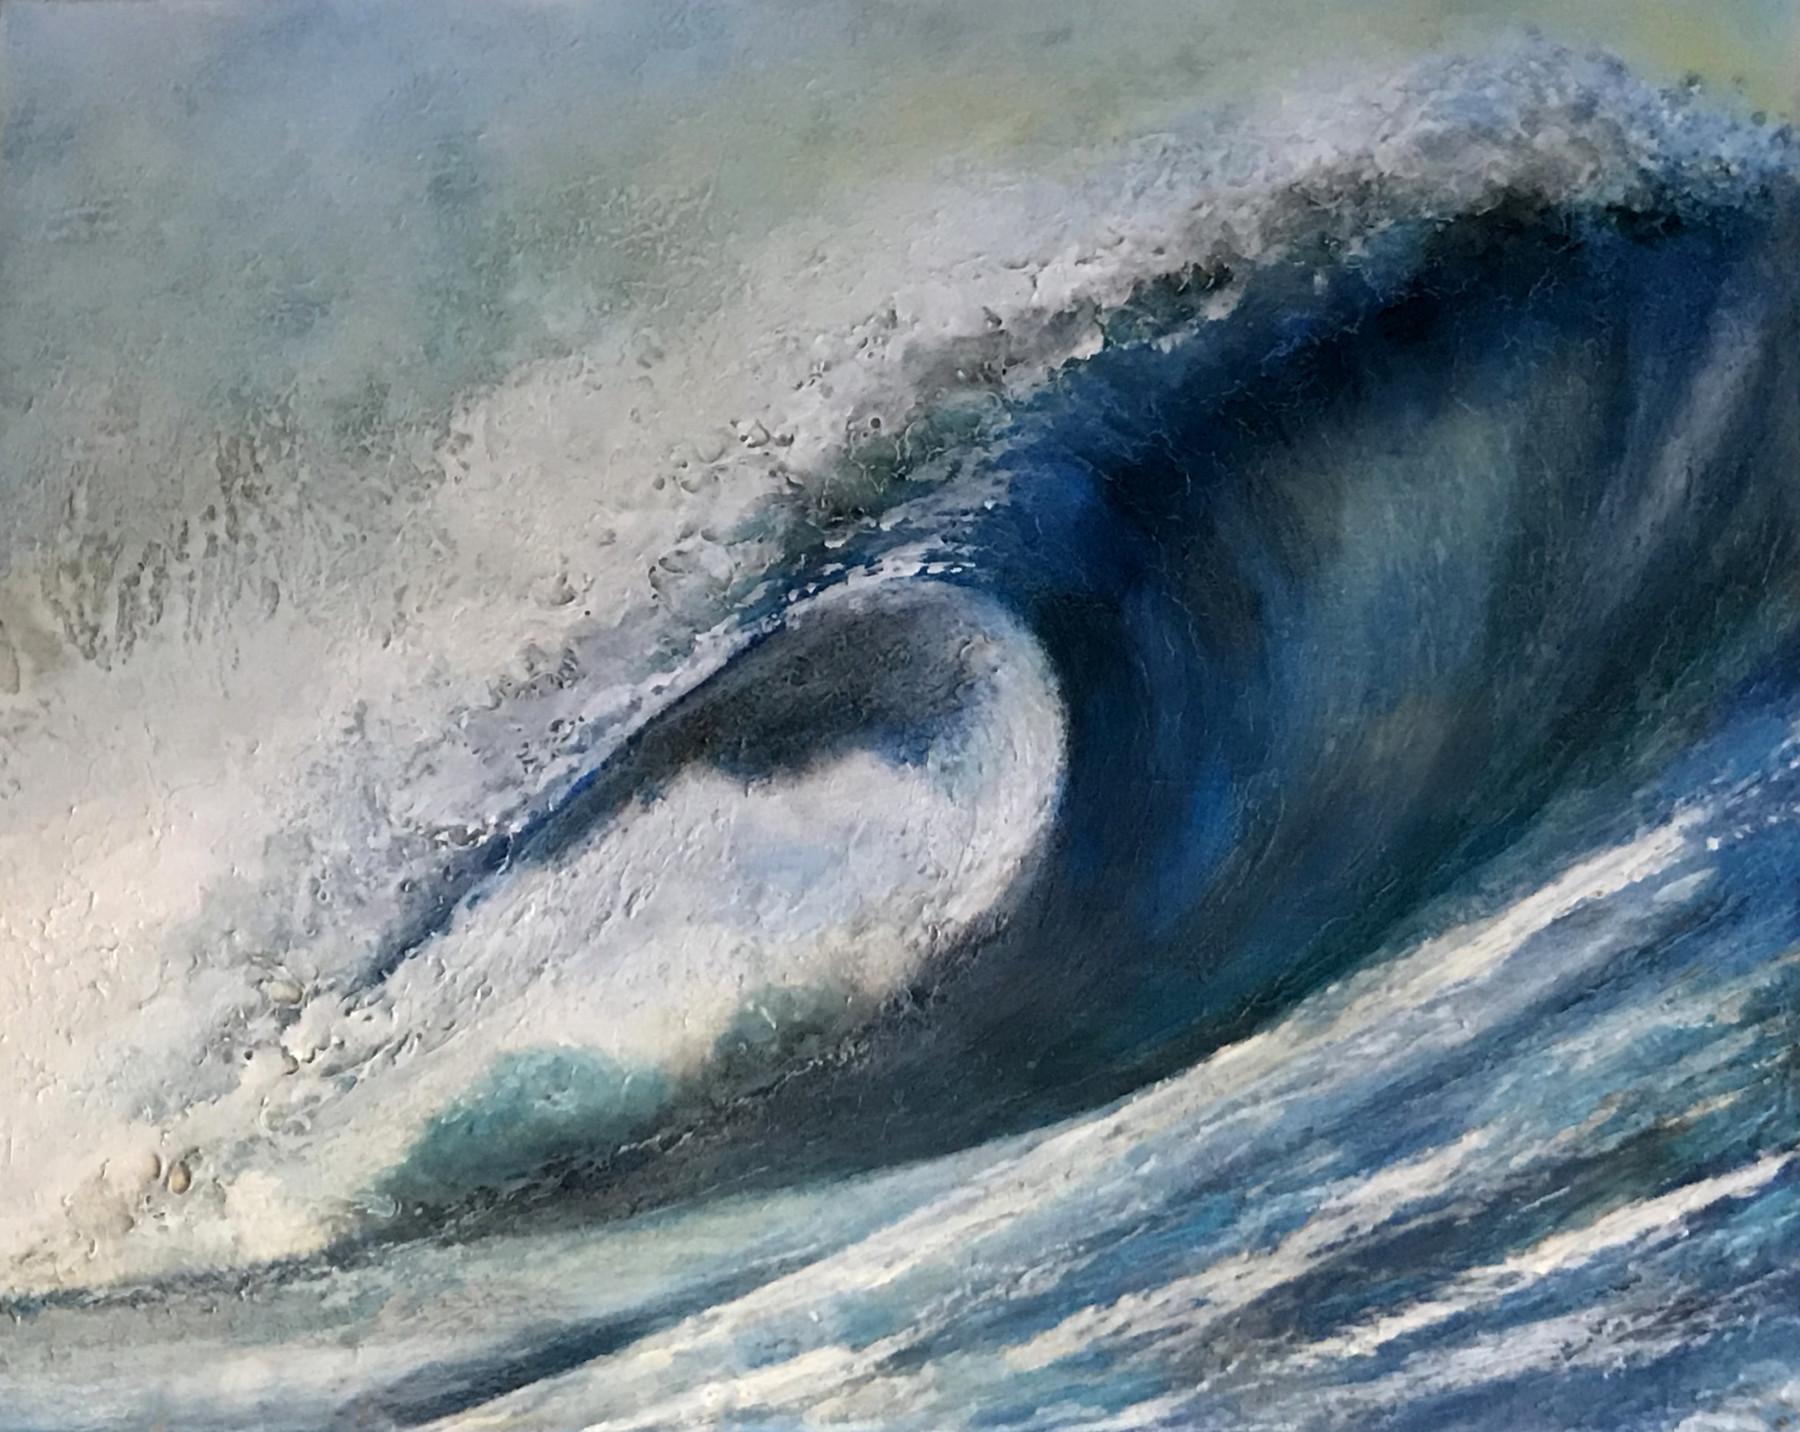 Wave Series 3